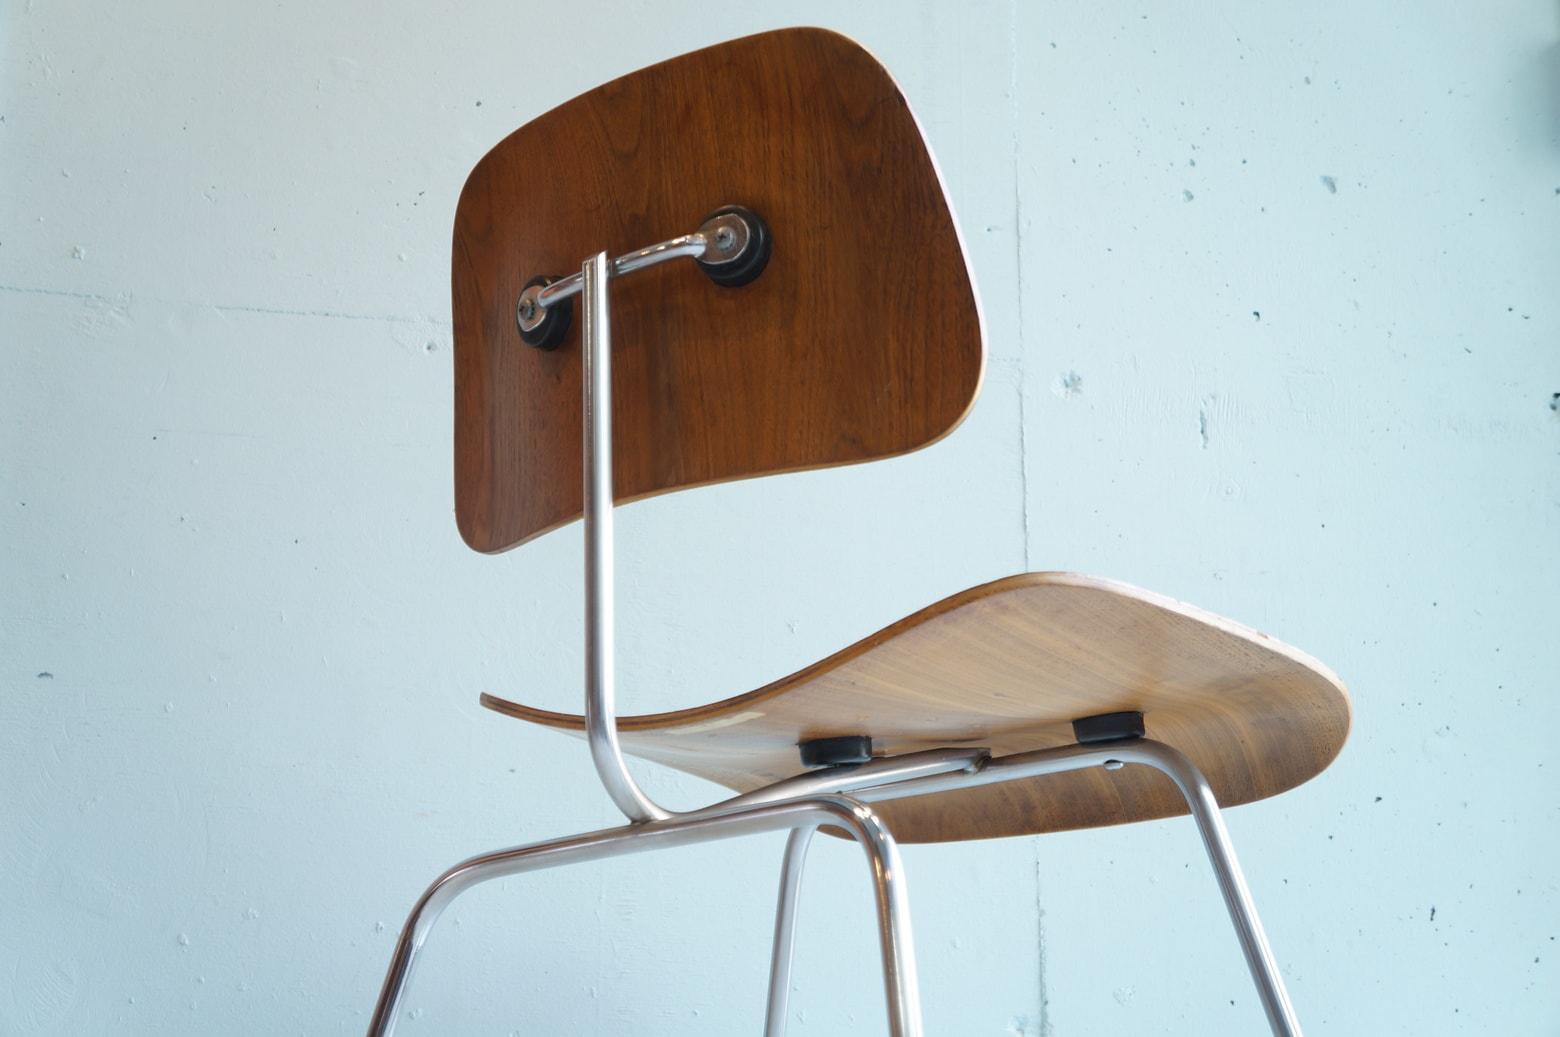 ハーマンミラー社製、イームズデザインのDCMチェア。1946年に発売されて以来、1度も生産中止になったことがないという、世界中で愛され続けているチェアです。1999年にアメリカのタイム誌は、「20世紀最高のデザイン」として、この椅子を選出しました。さらに、同誌はDCMチェアを「優雅で、軽やかで、快適」と評しています。類似品や模倣品は多数あれど、オリジナルを超えるものはありません。自然と背もたれに体重がかかり、体にフィットする3次元のカーブを実現した、プライウッドとスチールの異素材を組み合わせたデザイン。それは、70年前の椅子とは思えない新鮮な輝きを放ち続けています。~【東京都杉並区阿佐ヶ谷北アンティークショップ 古一】 古一/ふるいちでは出張無料買取も行っております。杉並区周辺はもちろん、世田谷区・目黒区・武蔵野市・新宿区等の東京近郊のお見積もりも!ビンテージ家具・インテリア雑貨・ランプ・USED品・ リサイクルなら古一/フルイチへ~